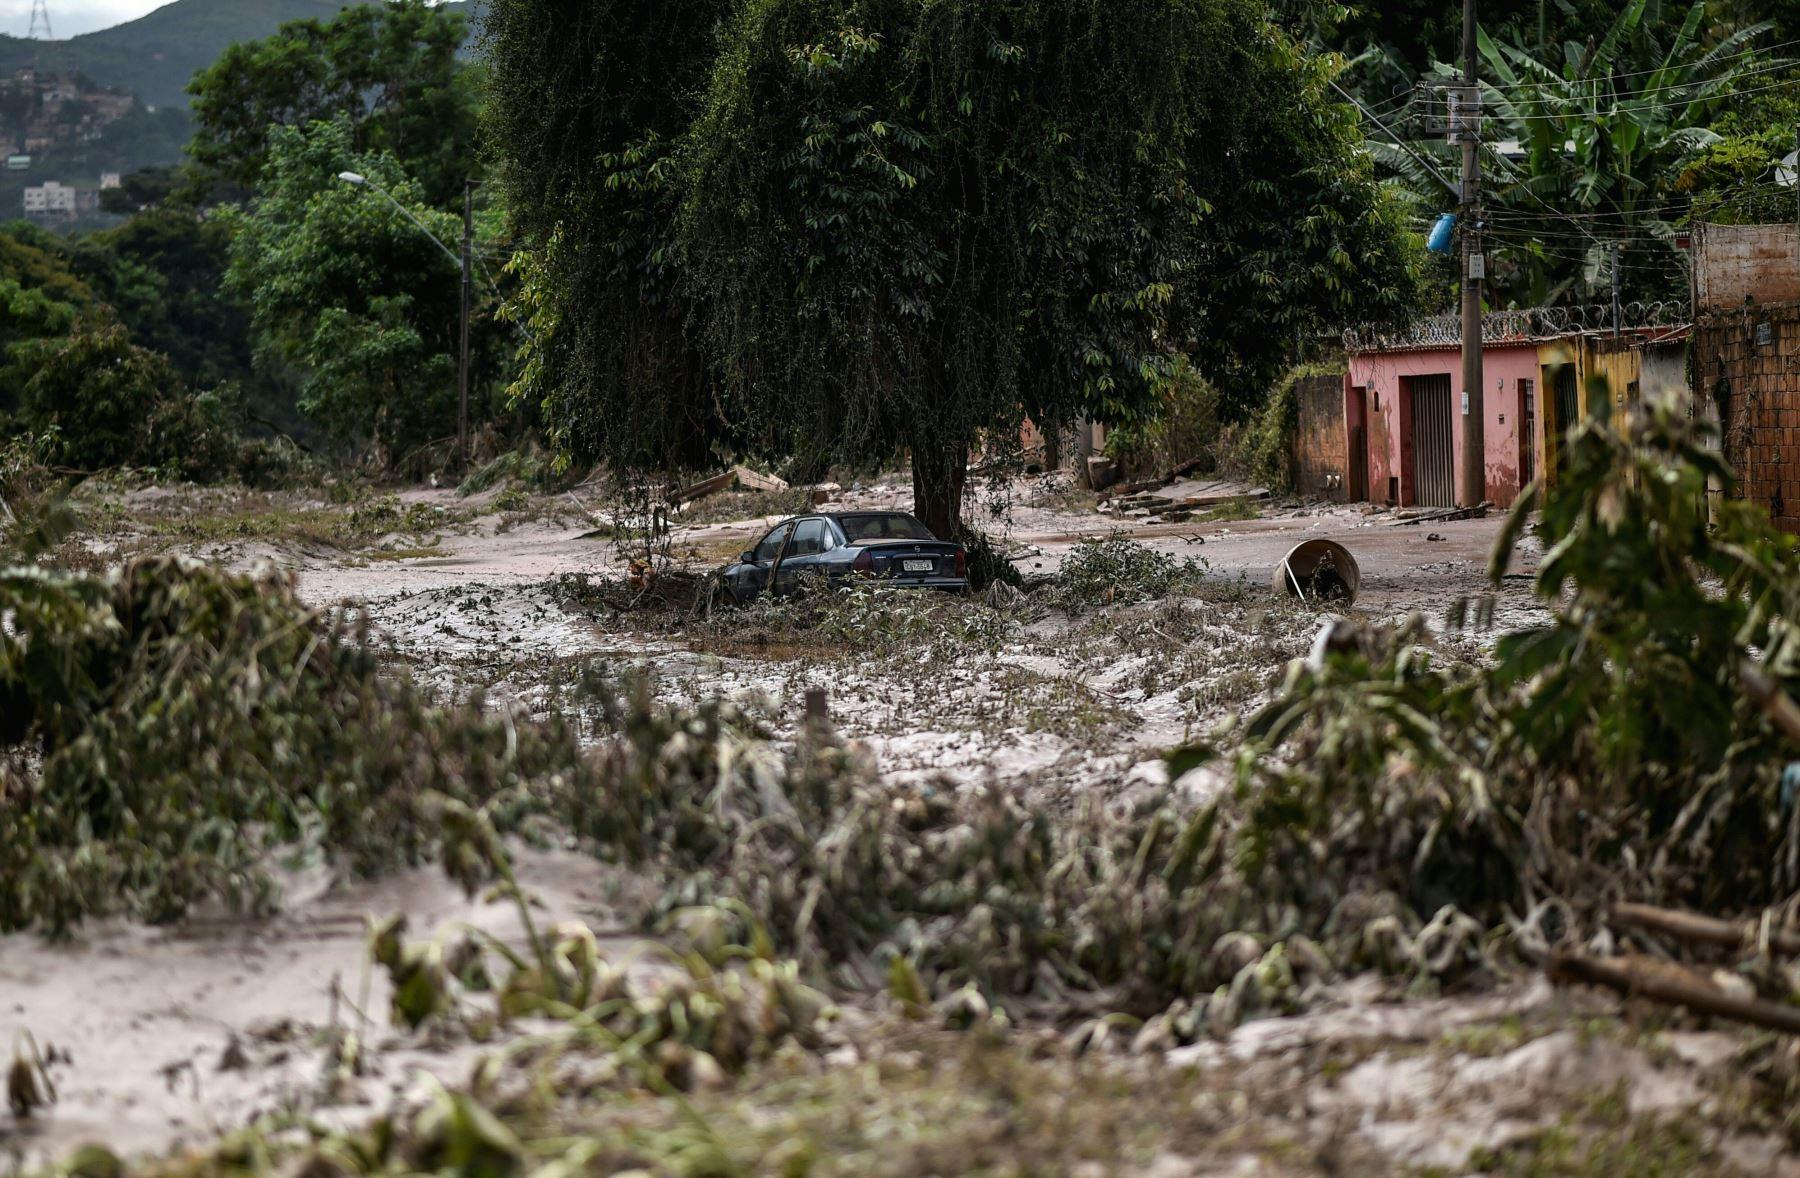 Oficina de Defensa Civil del estado de Minas Gerais informa  faltan diecisiete personas, siete resultaron heridas y unas 3.500 fueron expulsadas de sus hogares tras una serie de derrumbes y derrumbes de edificios. AFP